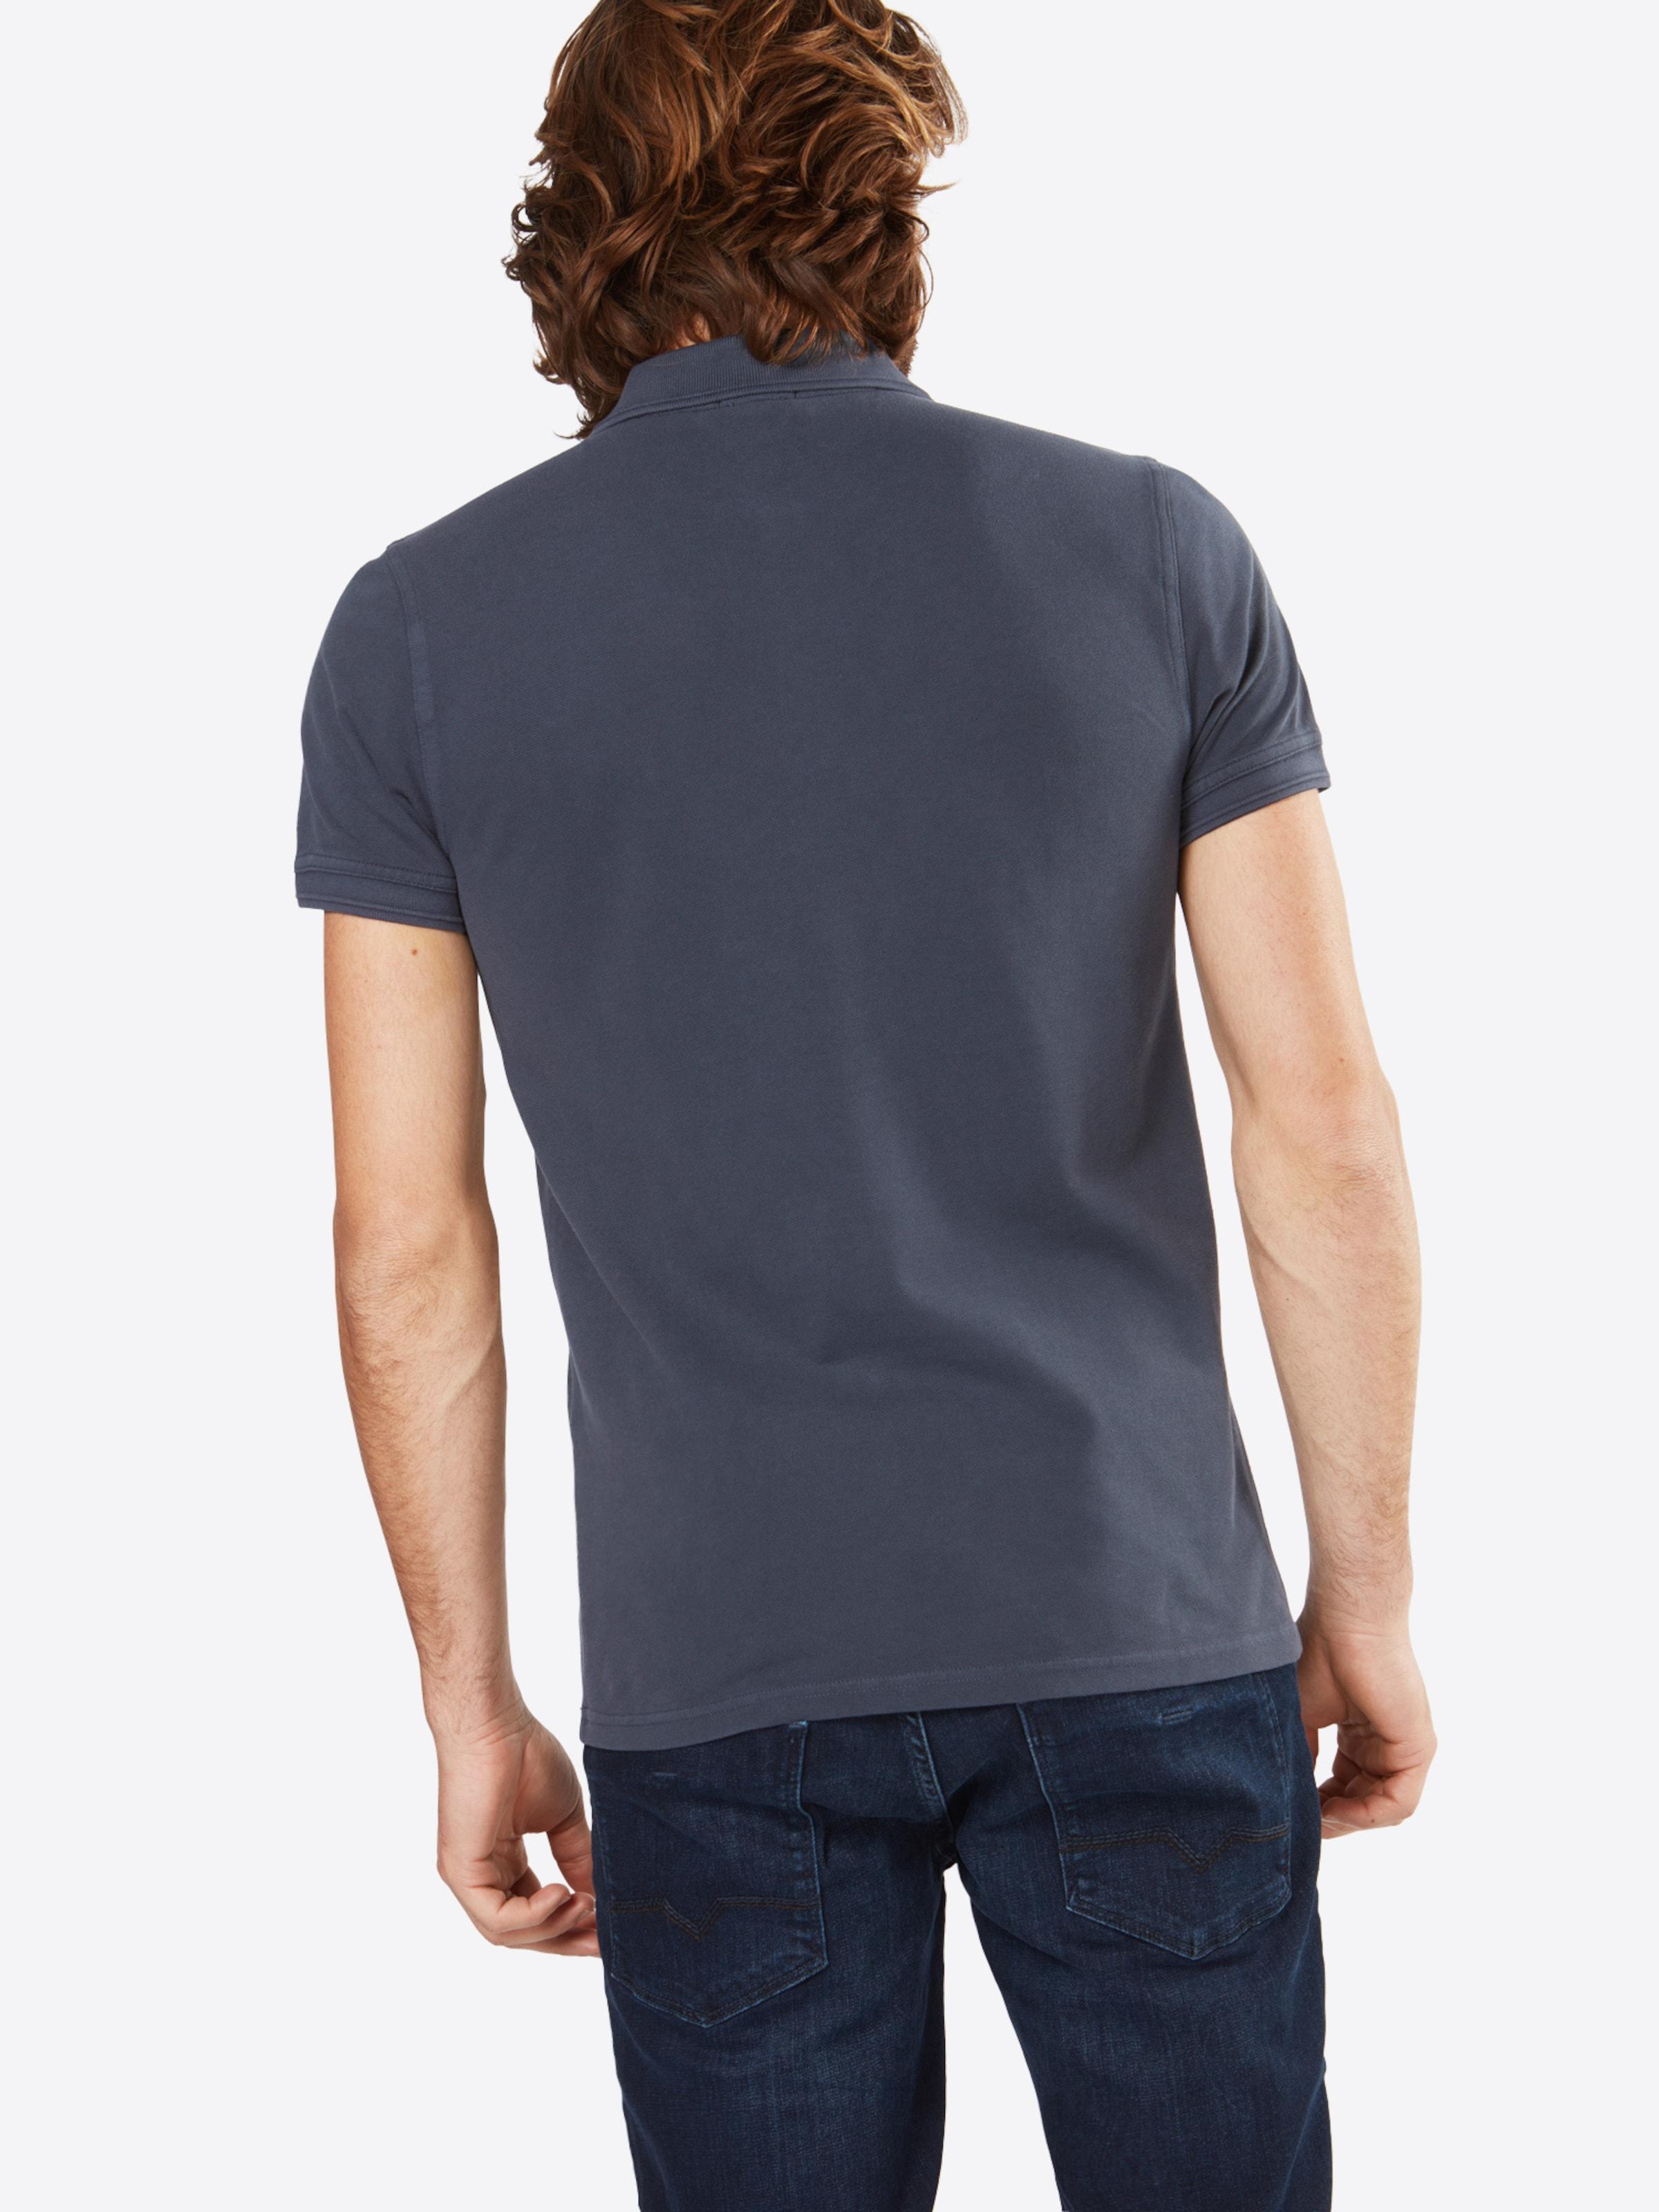 Auslass Zahlung Mit Visa BOSS Poloshirt mit Piqué-Struktur 'Prime' Erstaunlicher Preis Verkauf Online Unter 70 Dollar Marktfähig Zu Verkaufen 1SUjp9sO